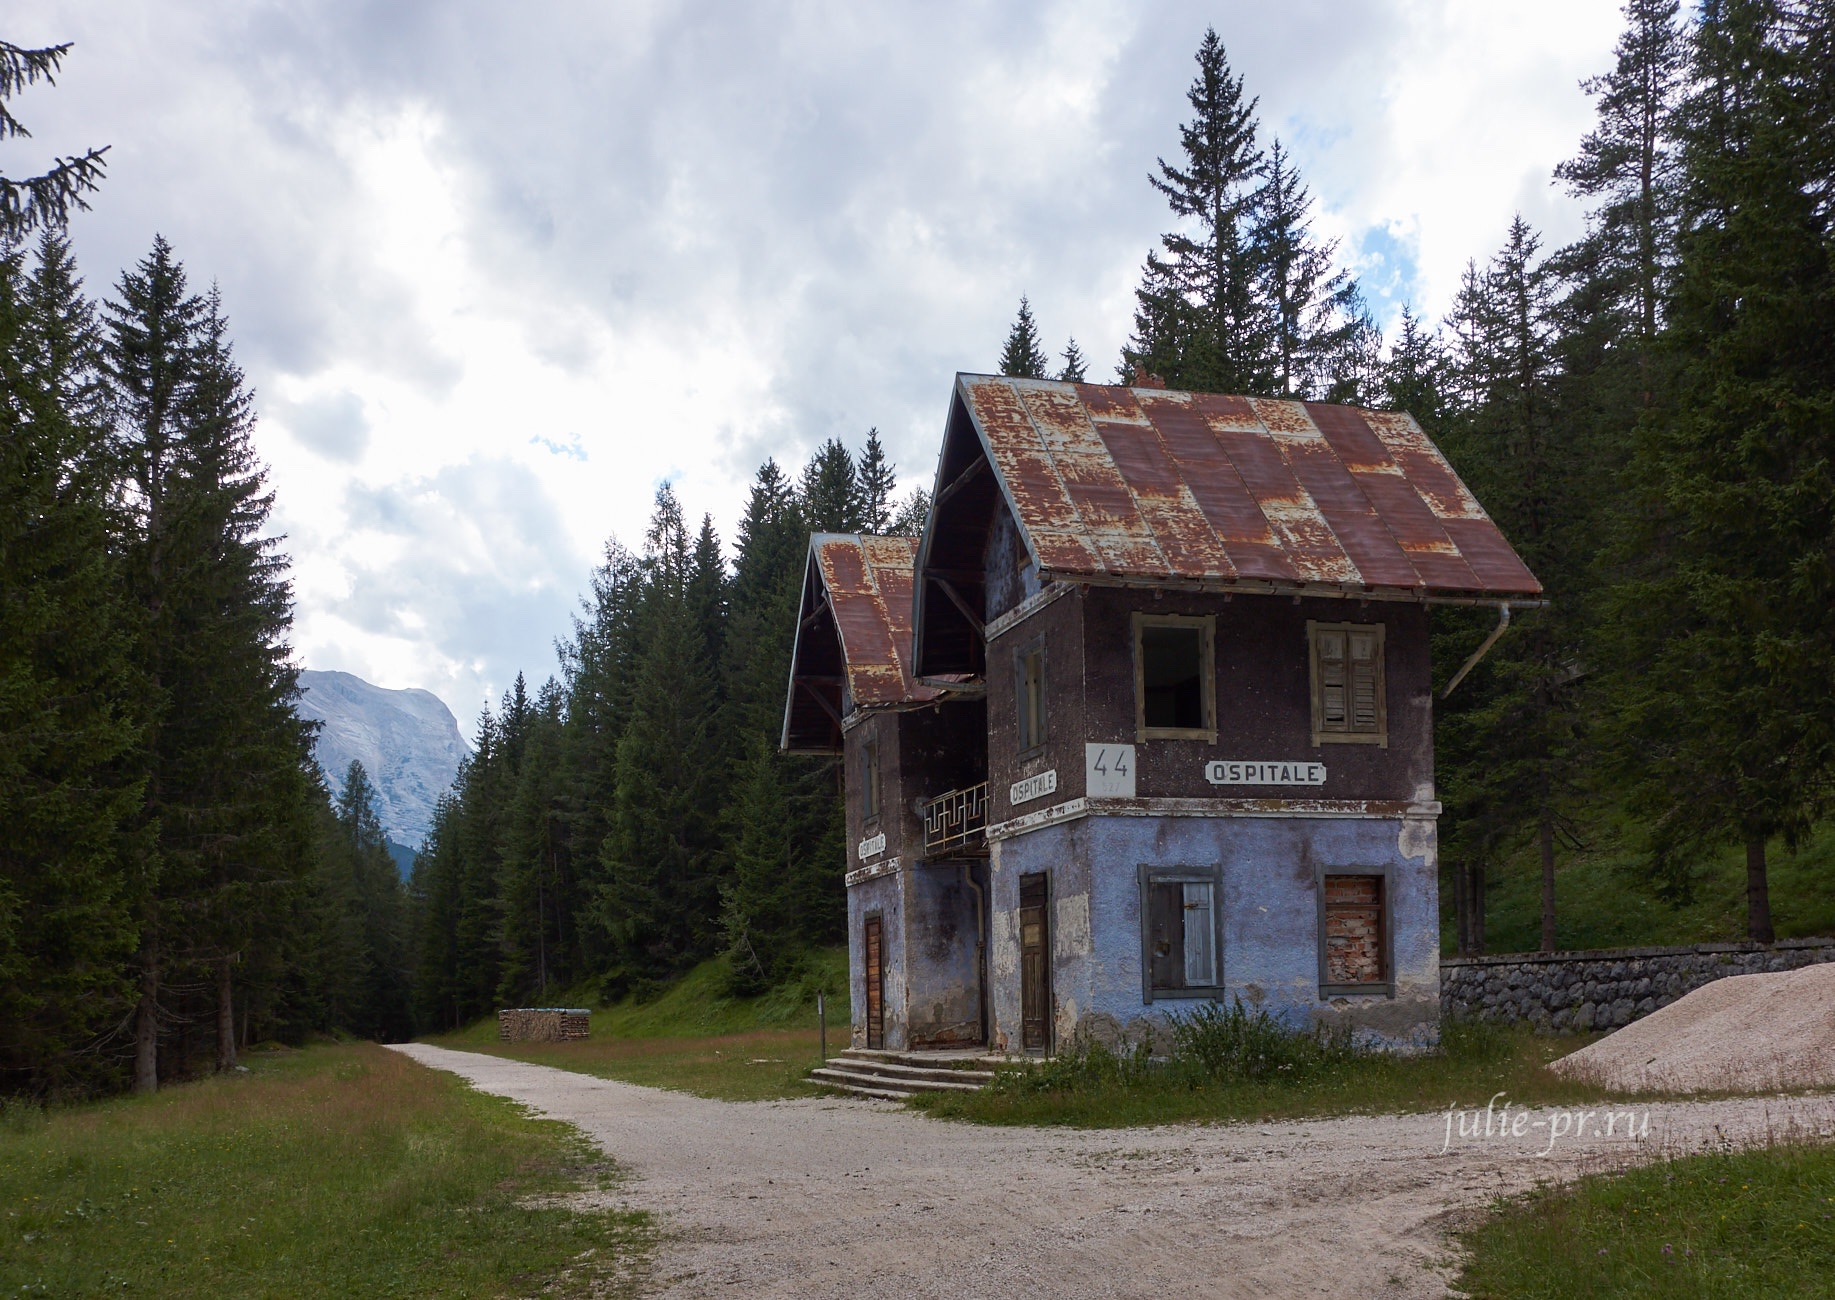 Италия, Альпы, Доломиты, железнодорожная станция